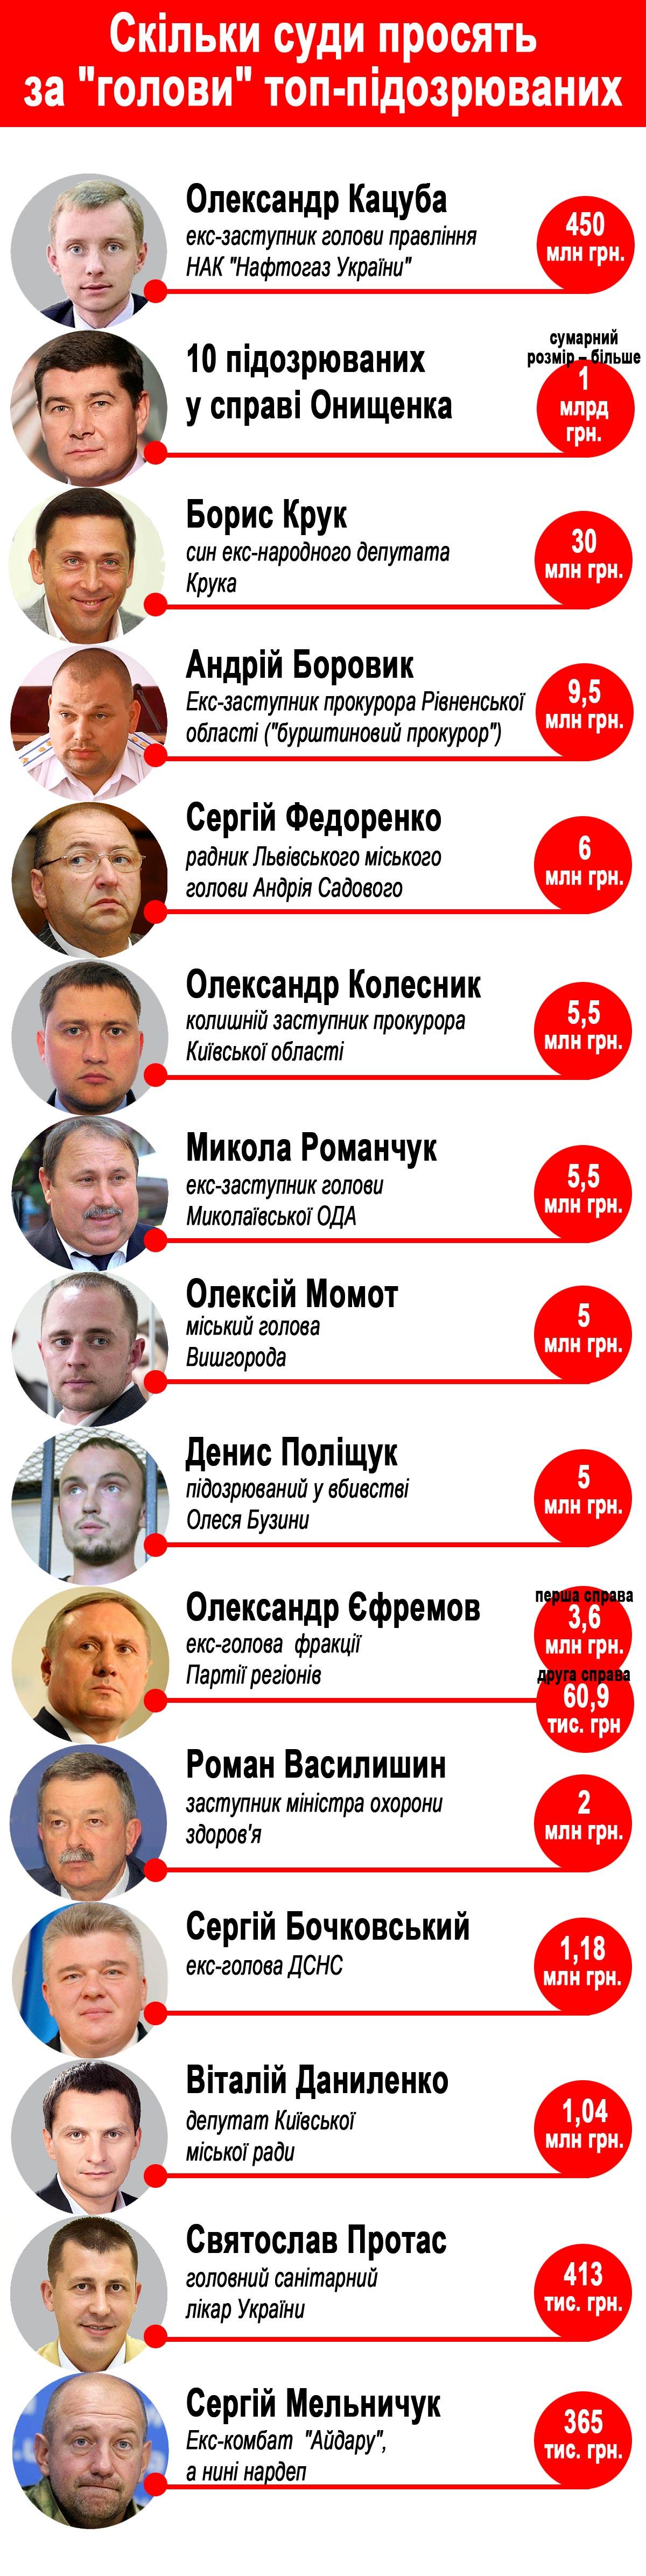 ТОП-15 українських в'язнів, яким дозволили вийти з тюрми за гроші (ІНФОГРАФІКА) - фото 1